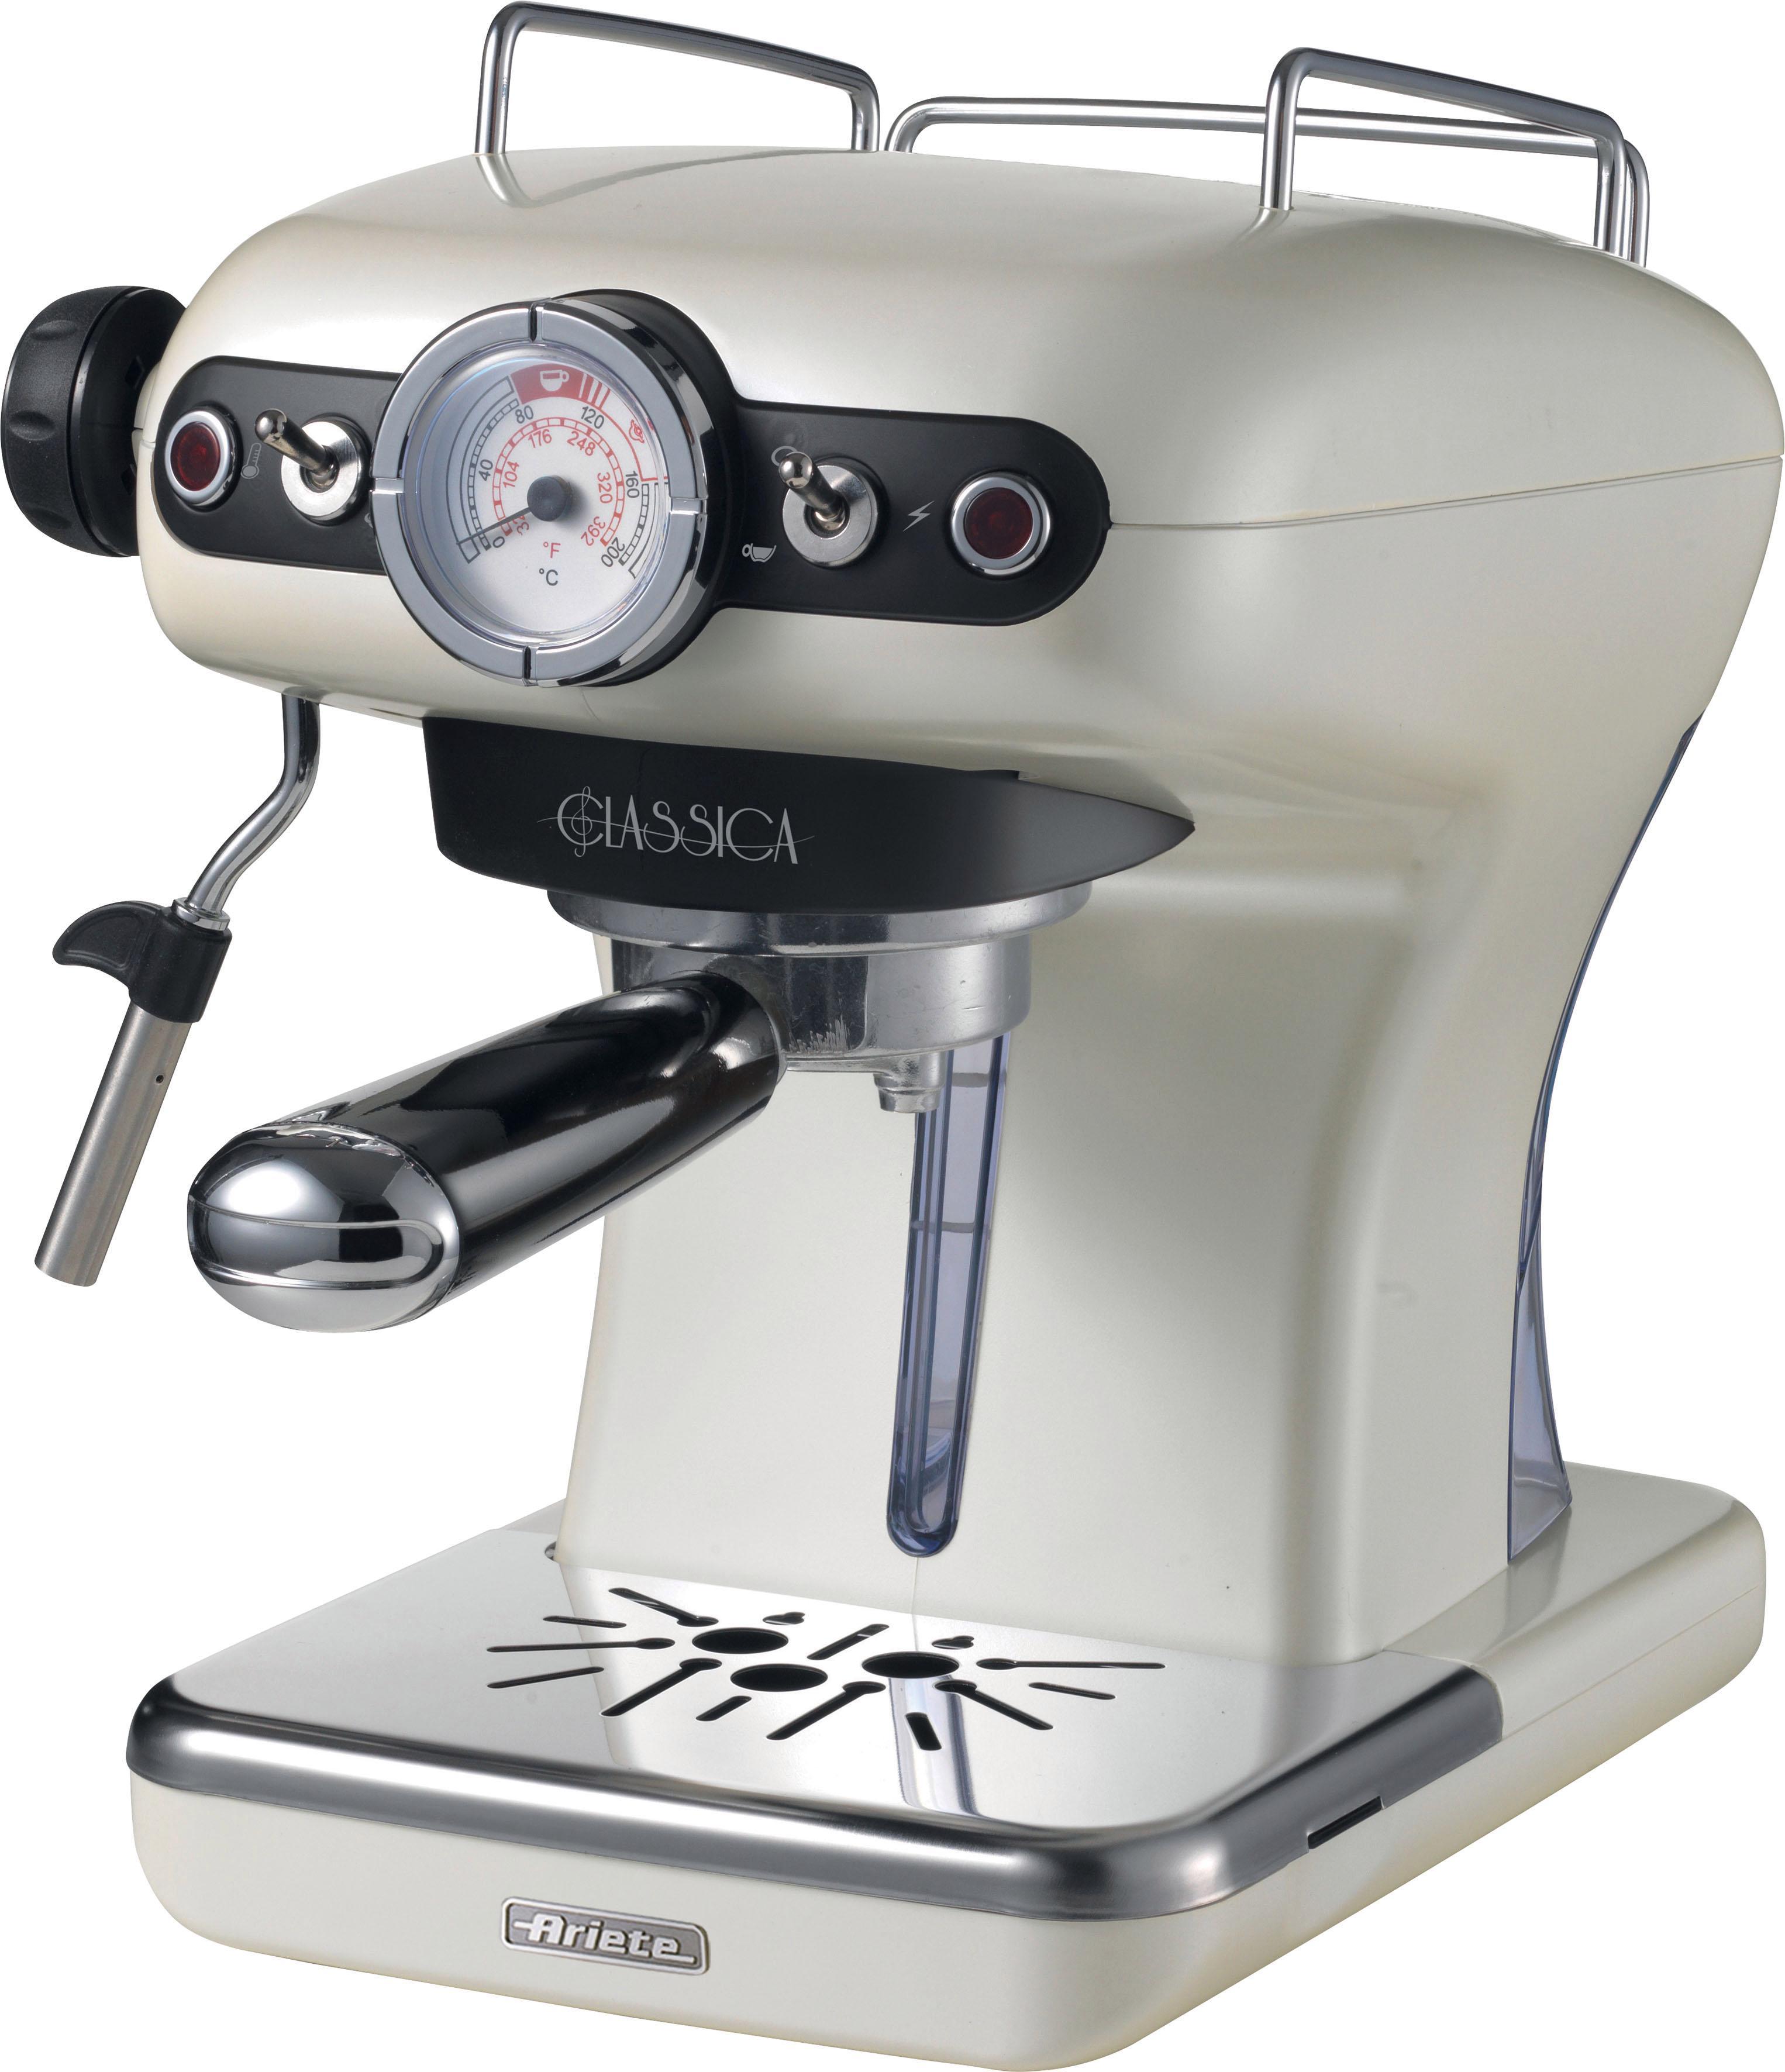 Ariete Espressomaschine 1389PE Siebträgermaschine Classia perlmutt | Küche und Esszimmer > Kaffee und Tee > Espressomaschinen | Weiß | Ariete